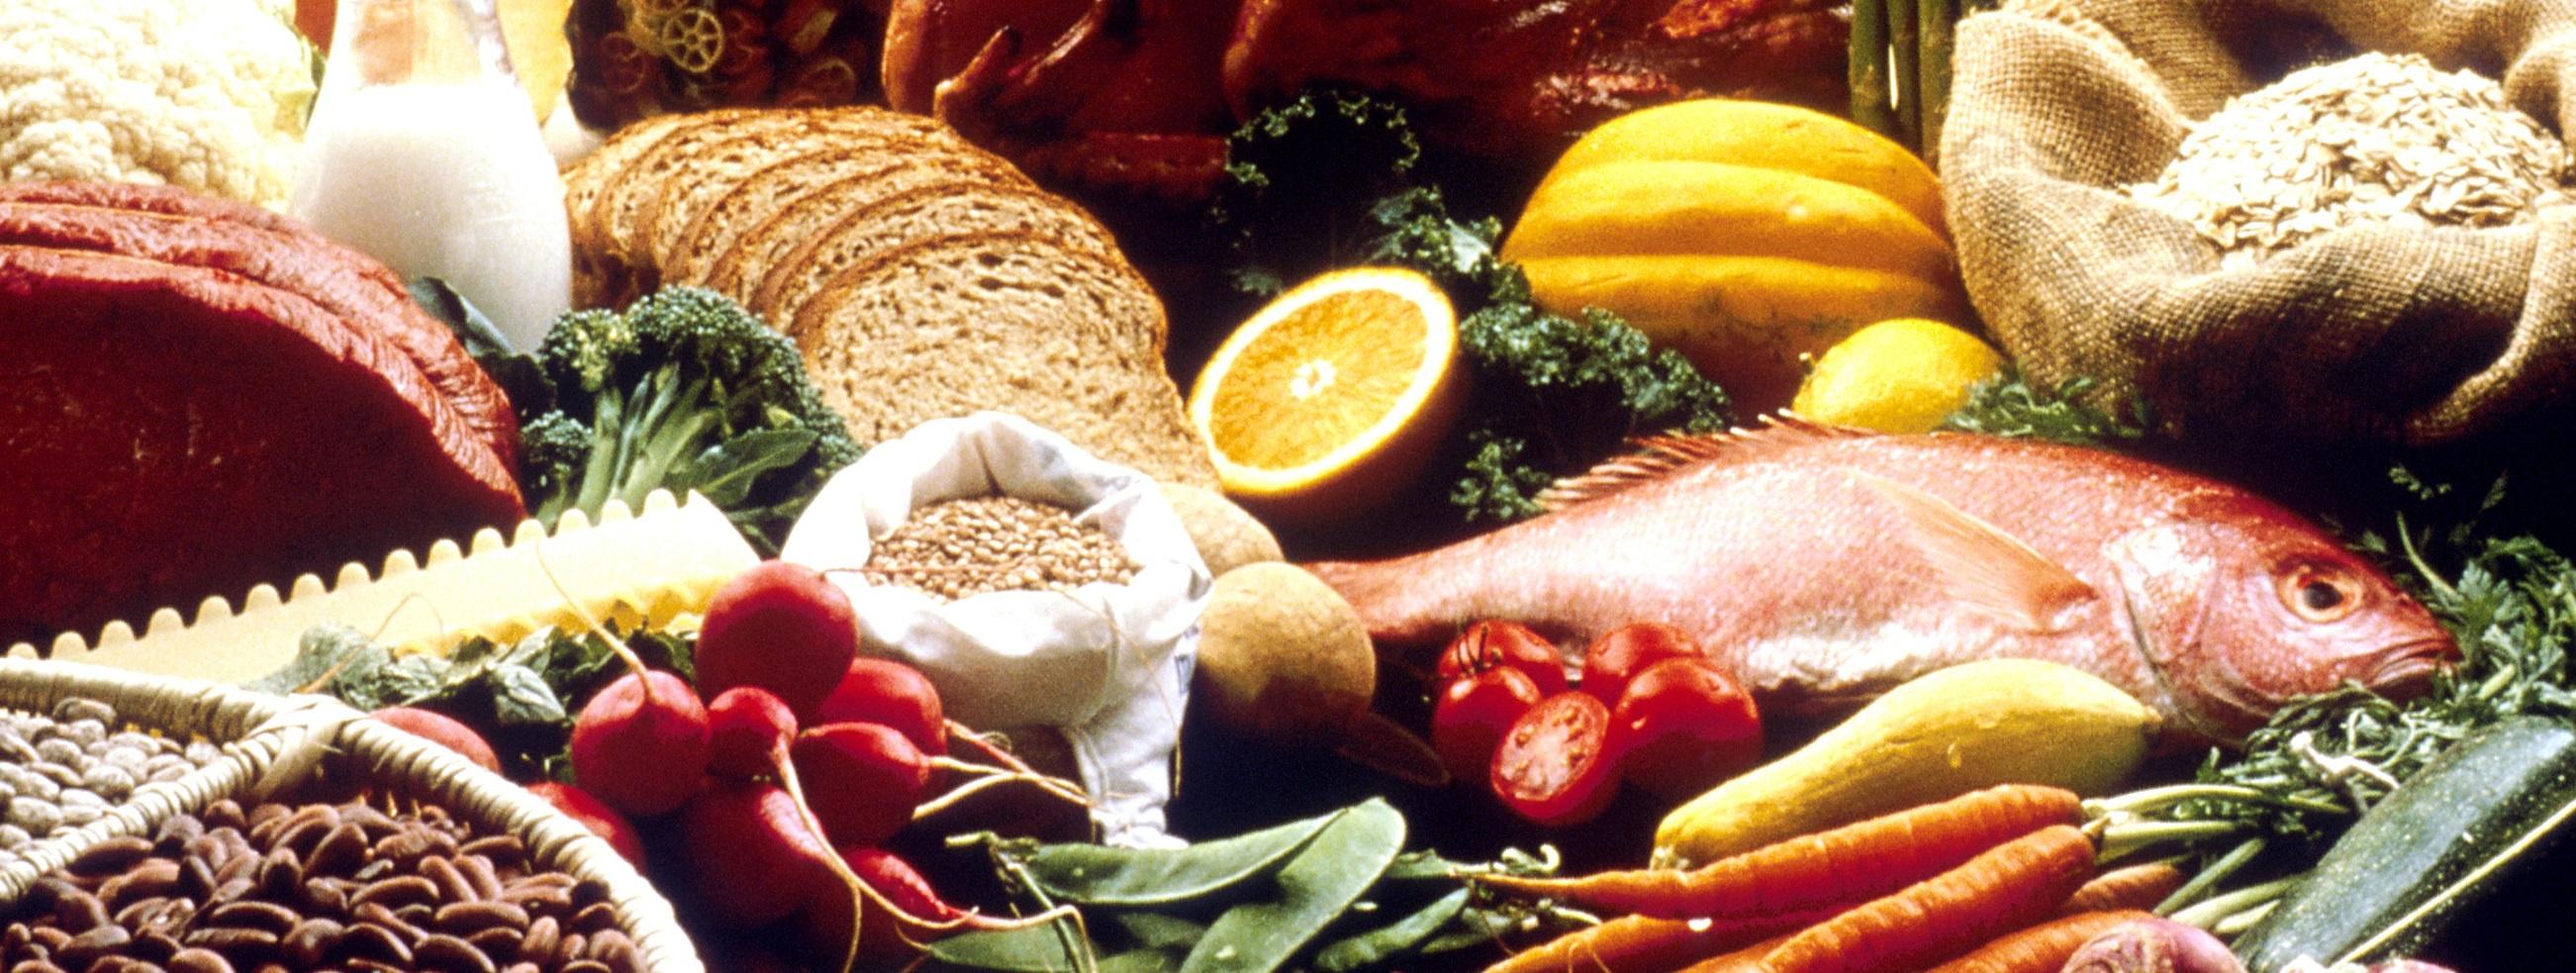 Voedzaam eten is niet moeilijk